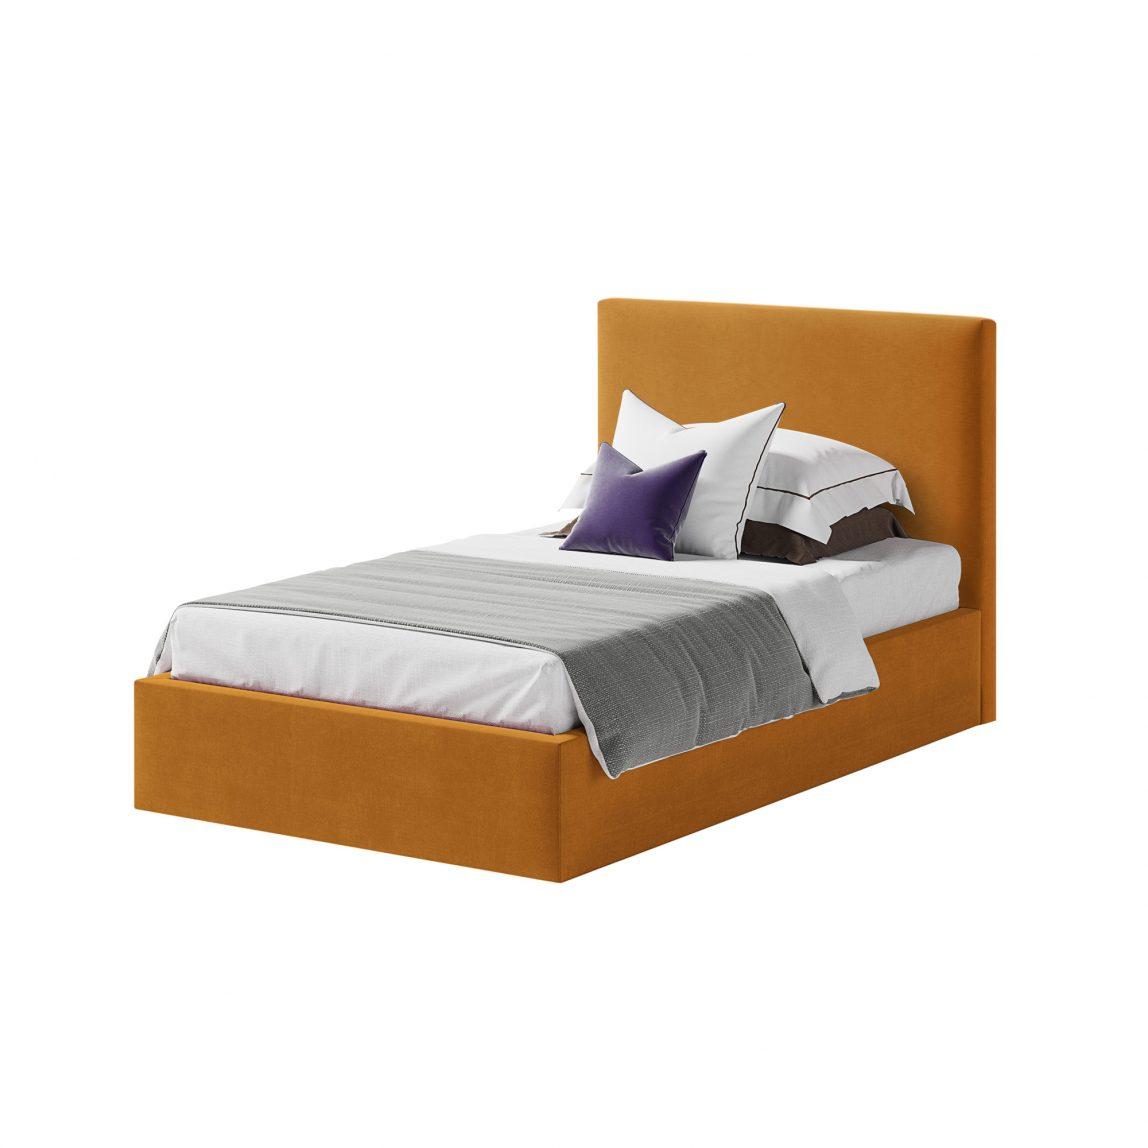 Односпальная кровать Кент